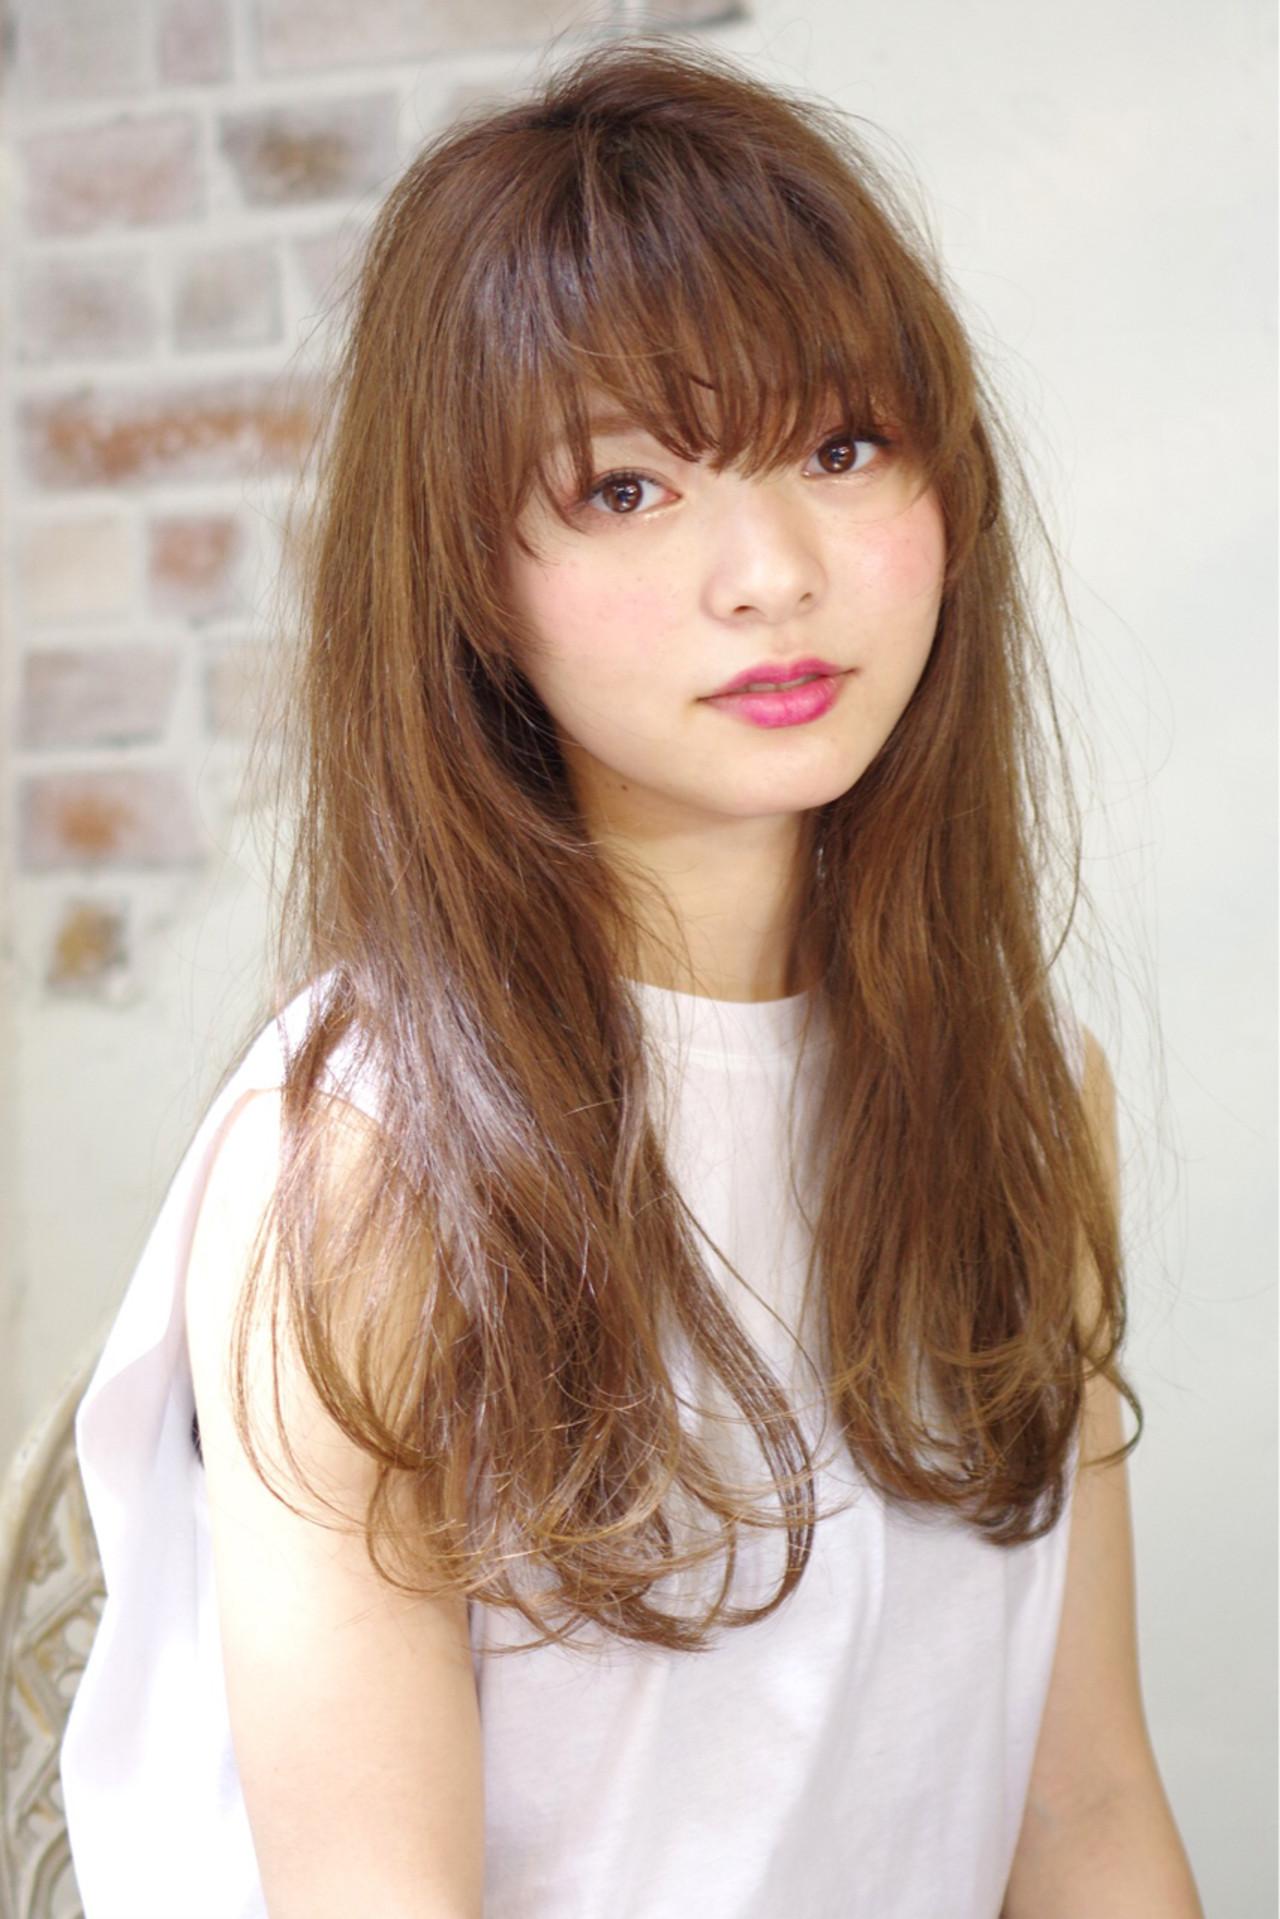 外国人風 前髪あり ロング ナチュラル ヘアスタイルや髪型の写真・画像 | 西川 賢一 blast / blast